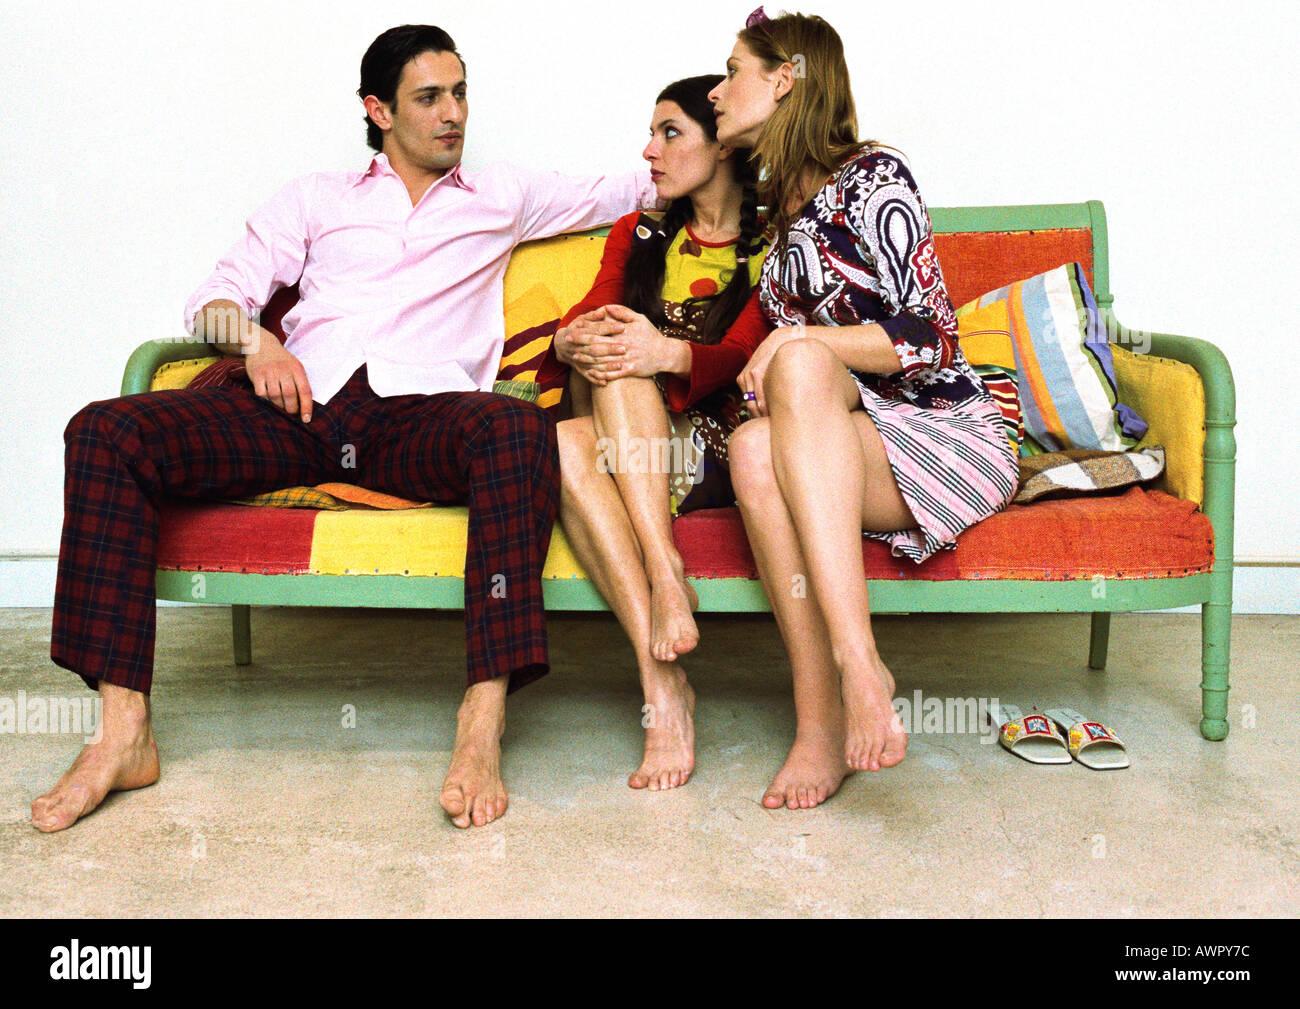 Homme assis sur le canapé avec les jambes écartées, deux femmes assises à côté de lui avec les jambes croisées Banque D'Images